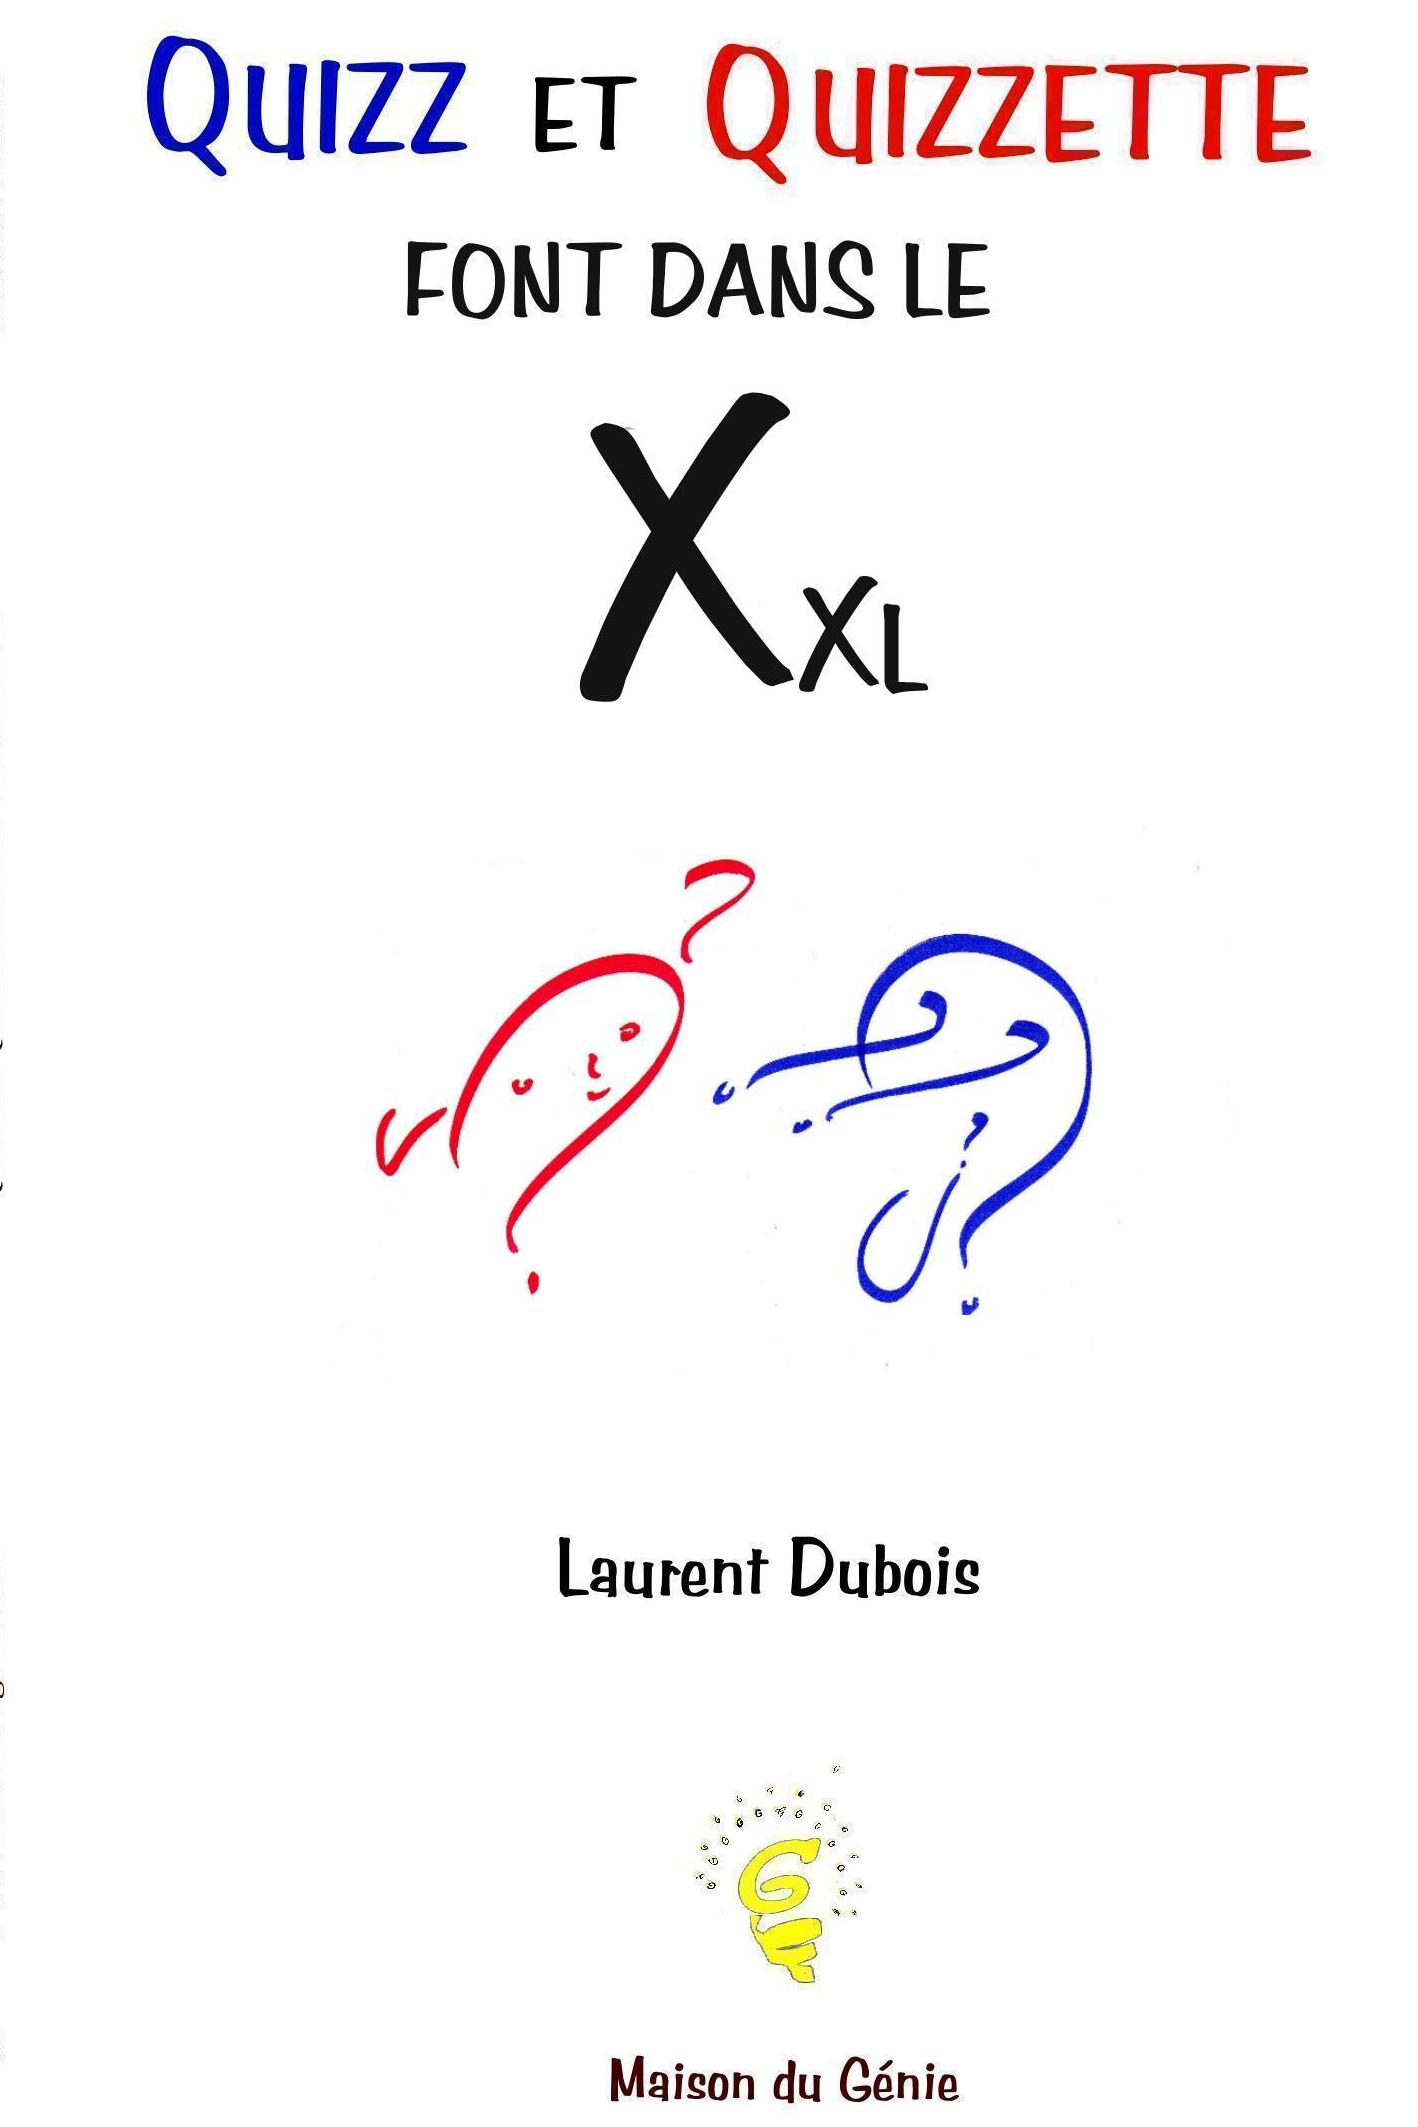 Quizz et Quizzette font dans le Xxl